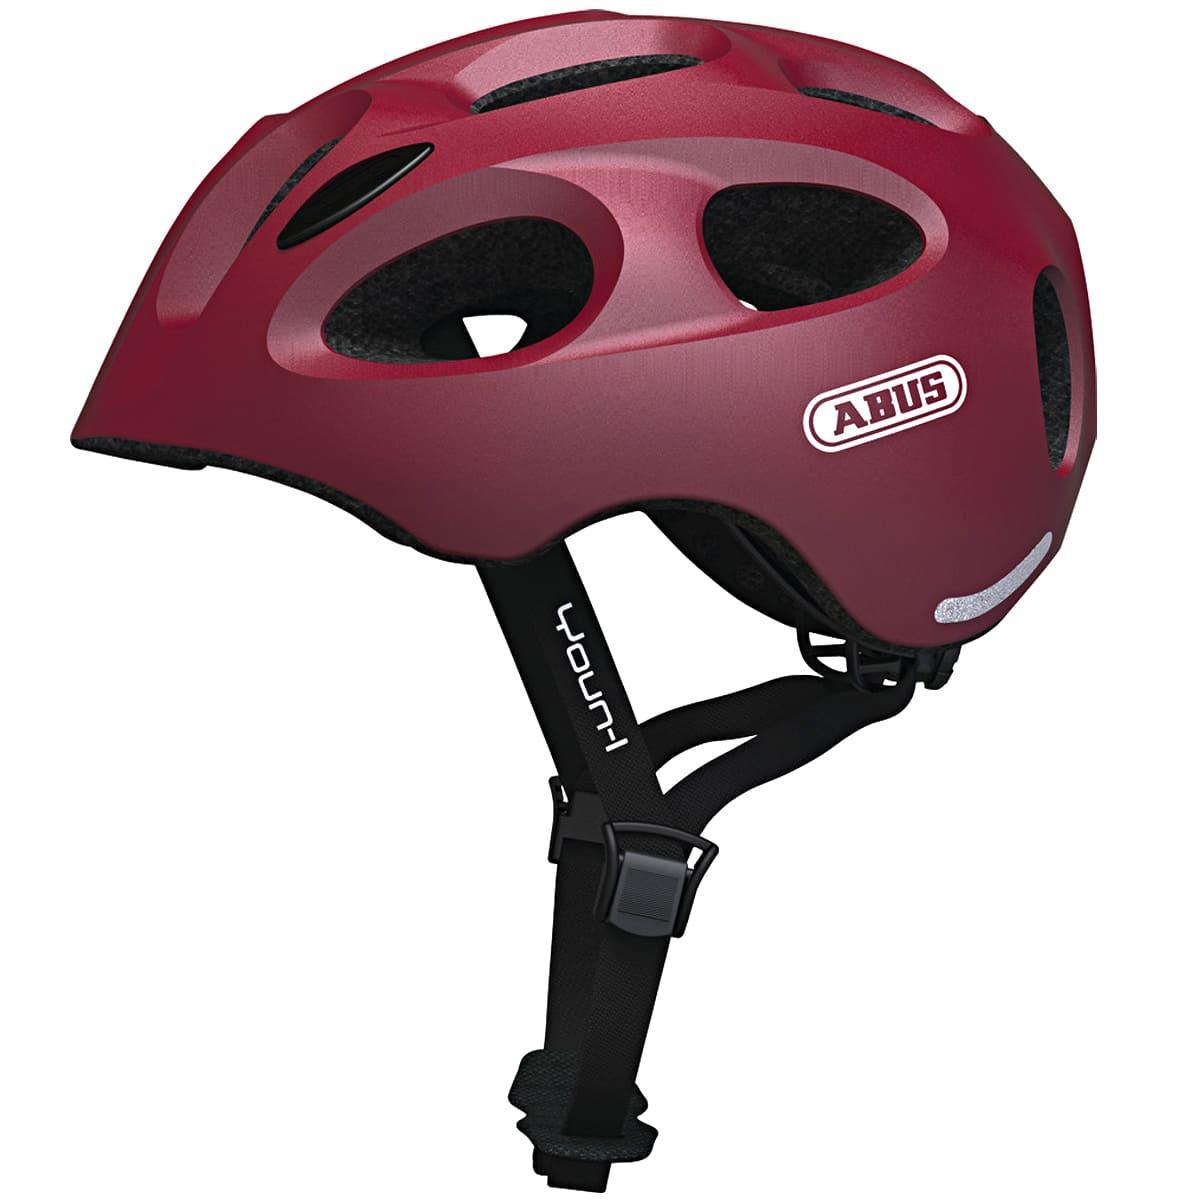 Велосипедный детский шлем ABUS YOUN-I S 48-54 Cherry Red Matt